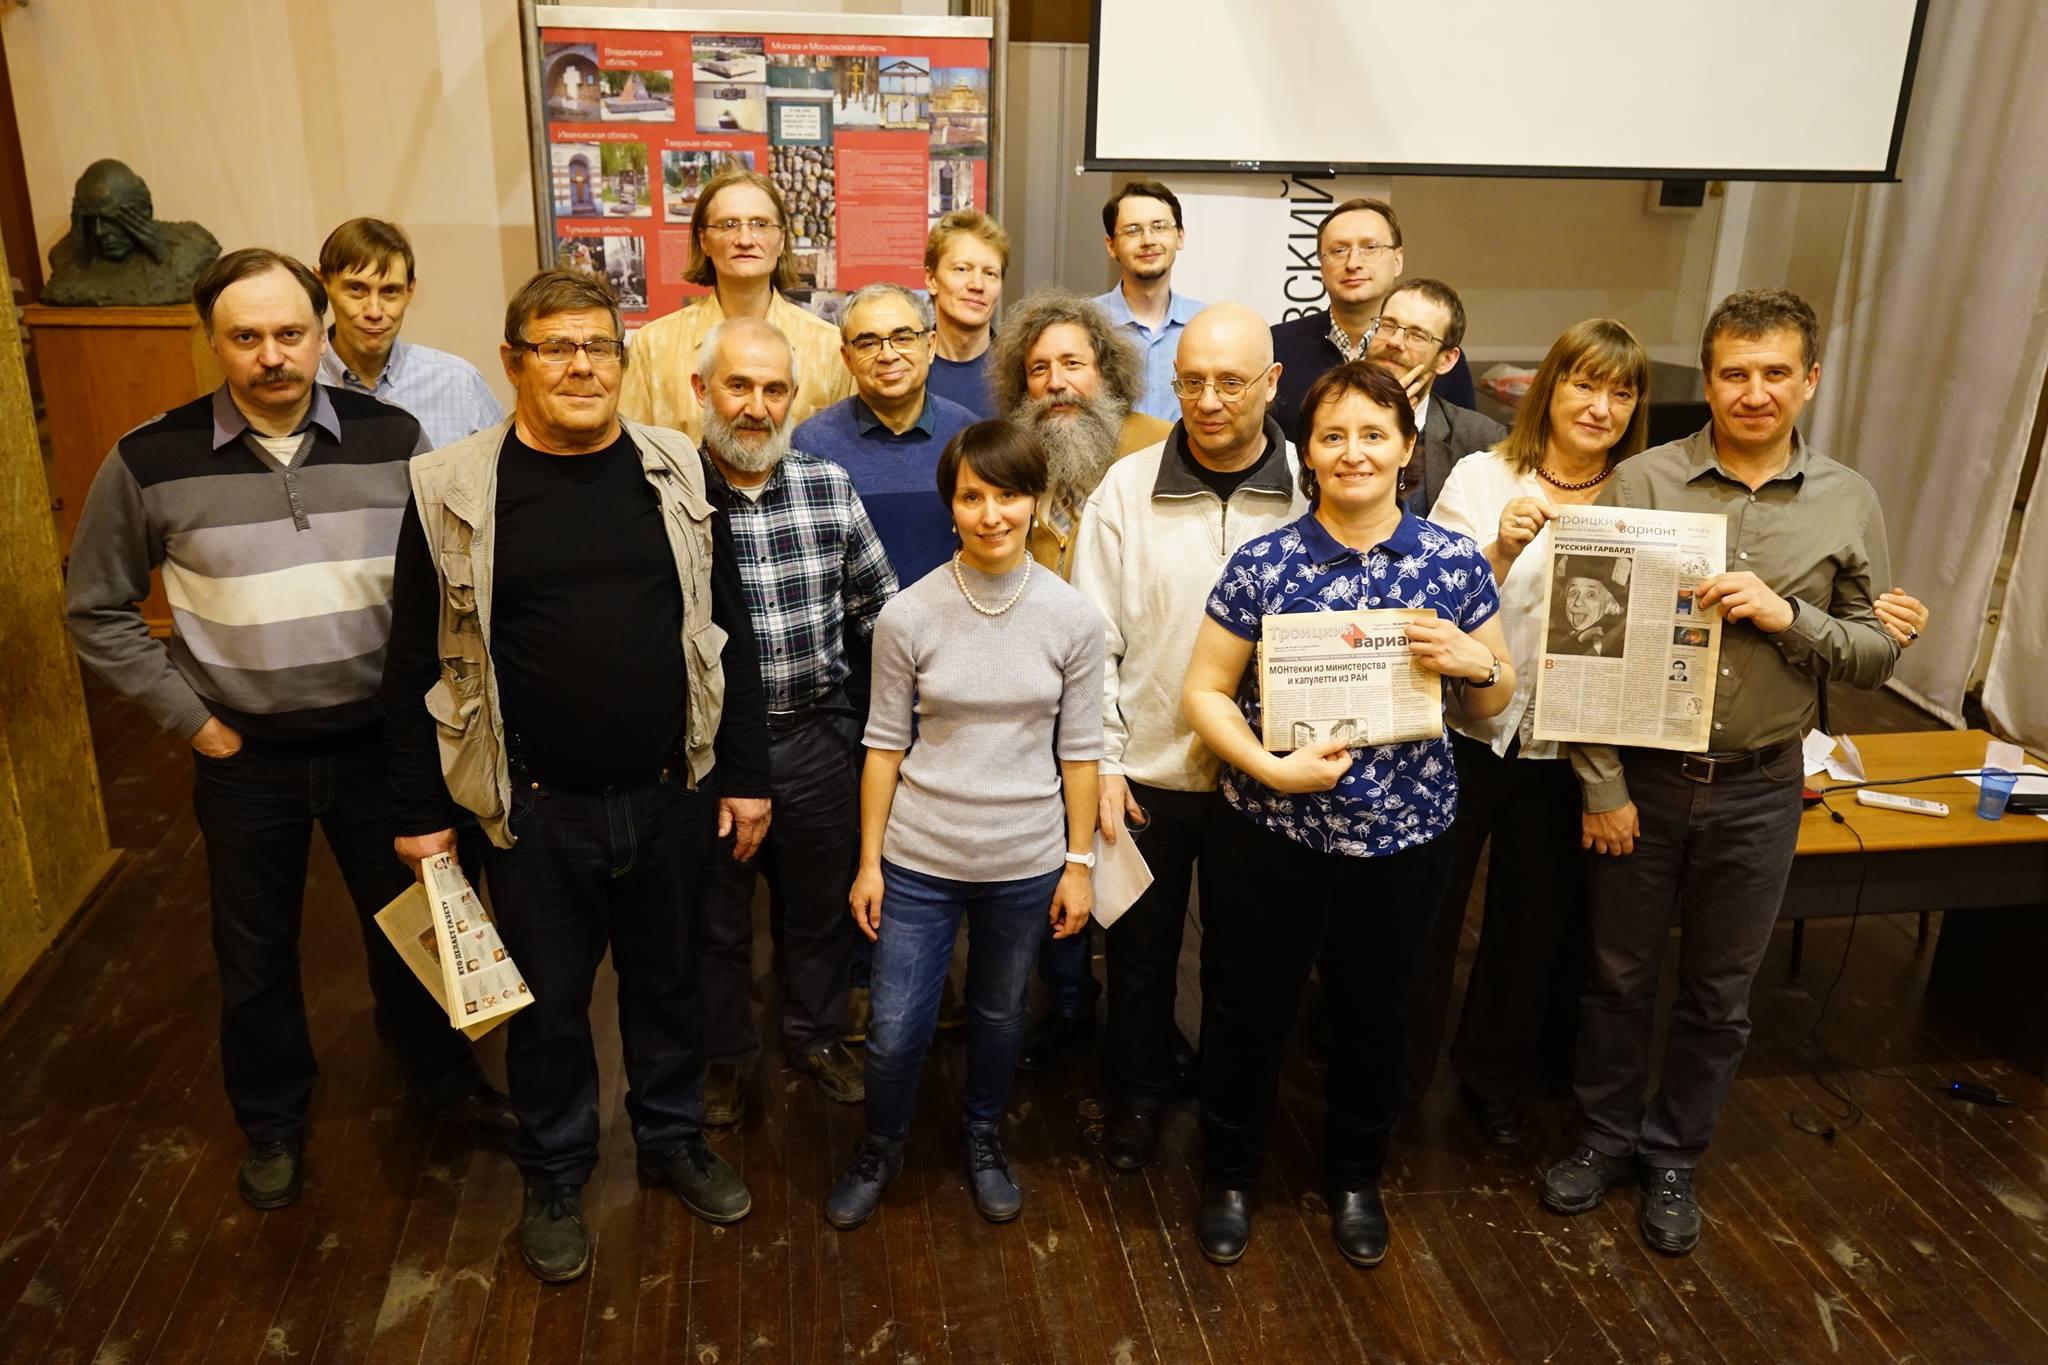 Члены команды ТрВ-Наука на юбилее (апрель 2018 года)